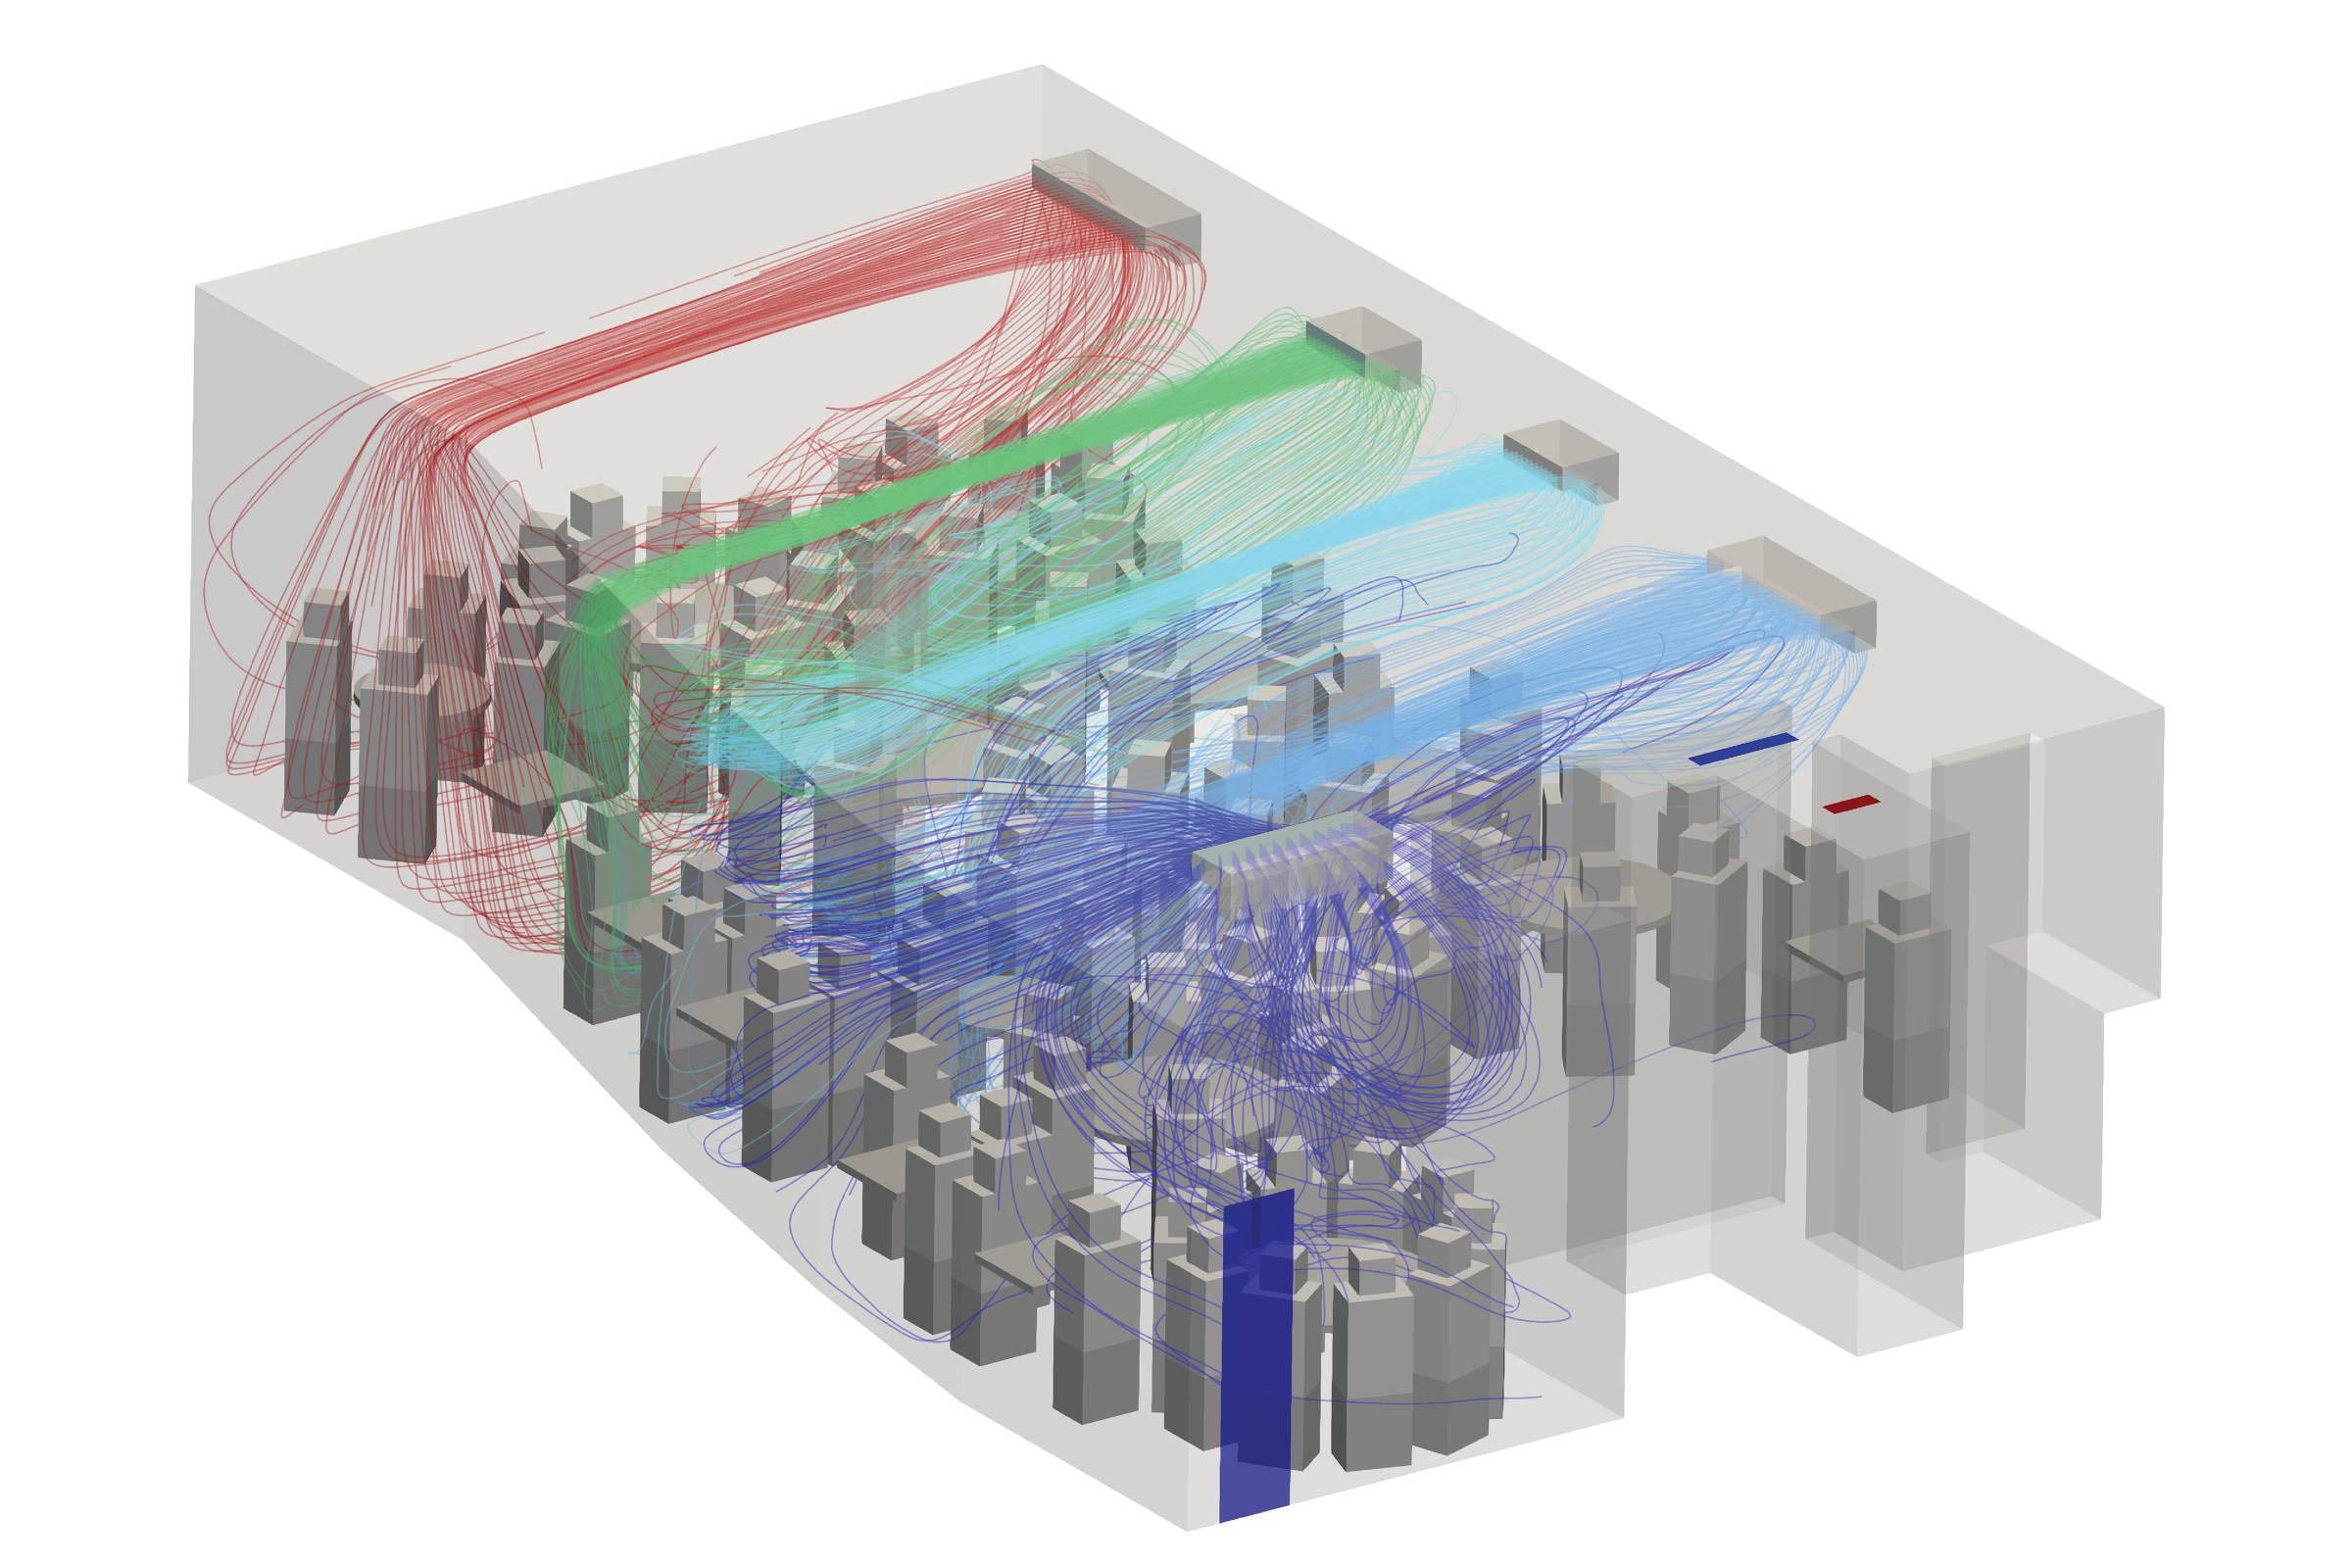 programa simula circulação do ar